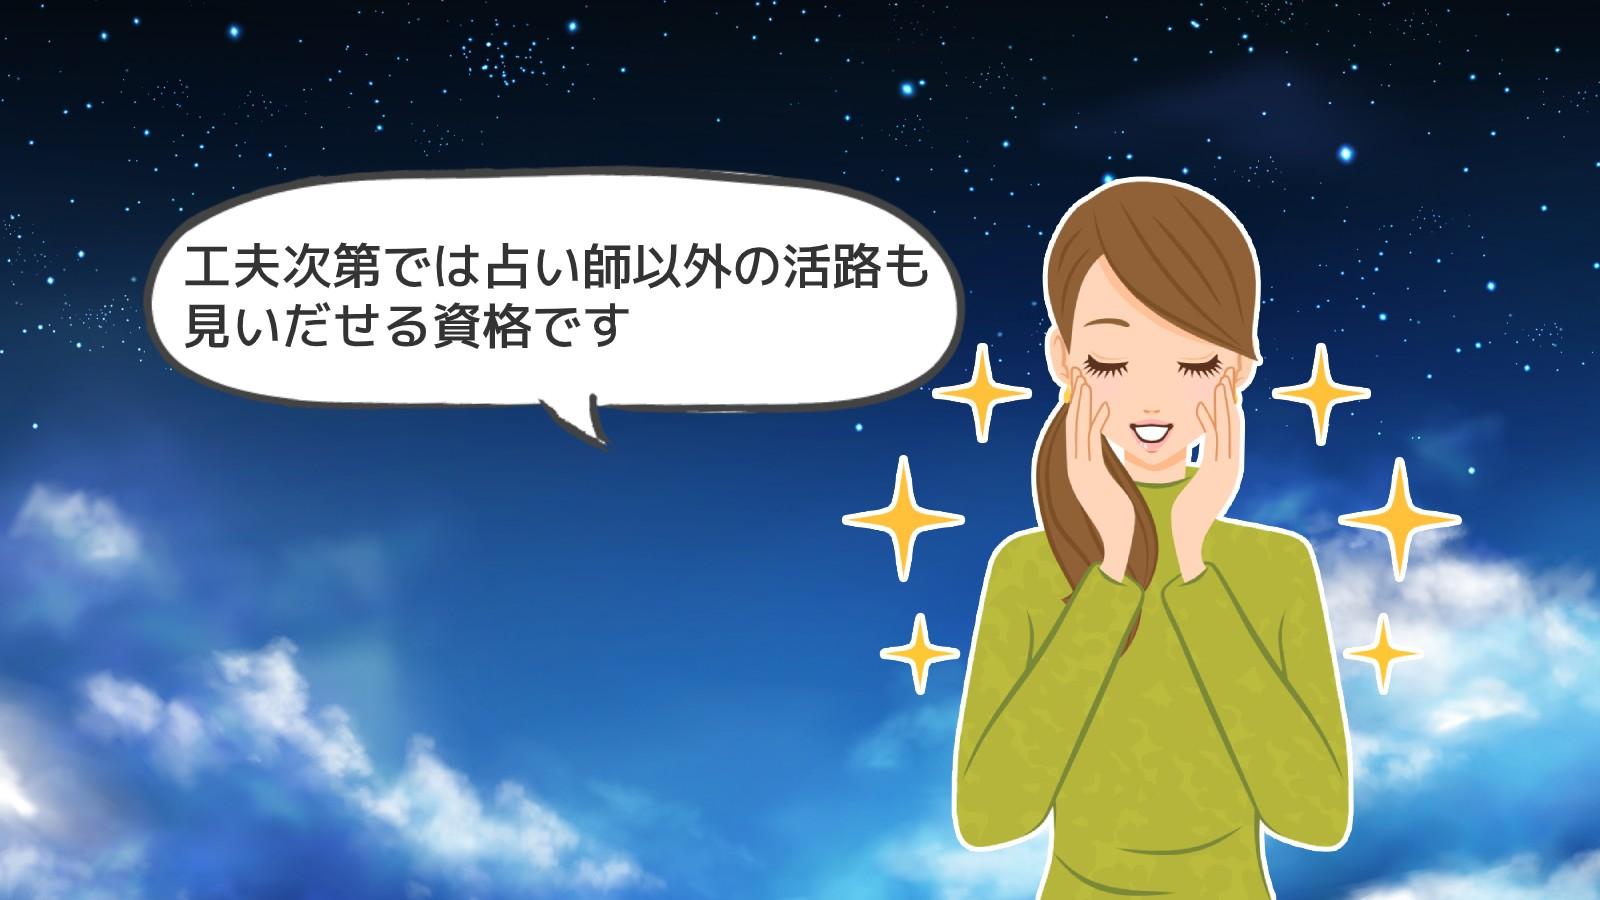 「西洋占星術士資格」のアイキャッチ画像